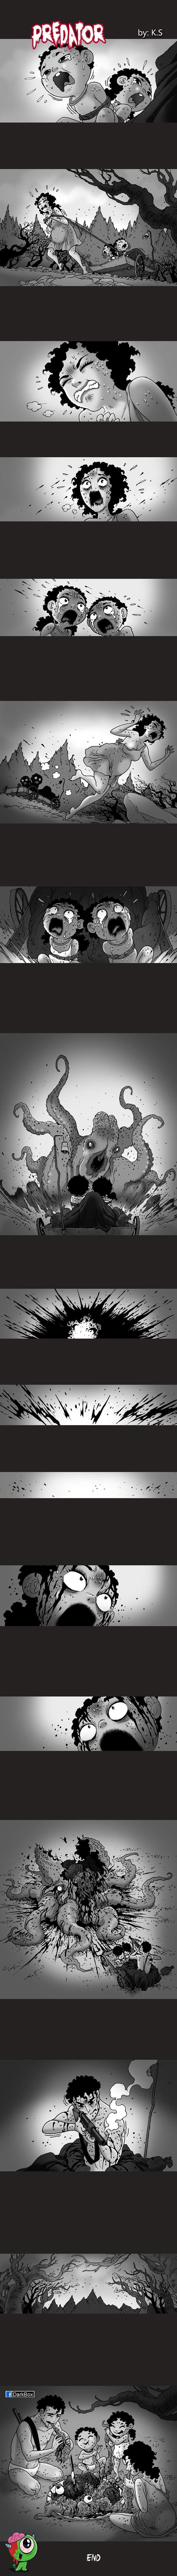 Хищник Silent horror, комиксы, длиннопост